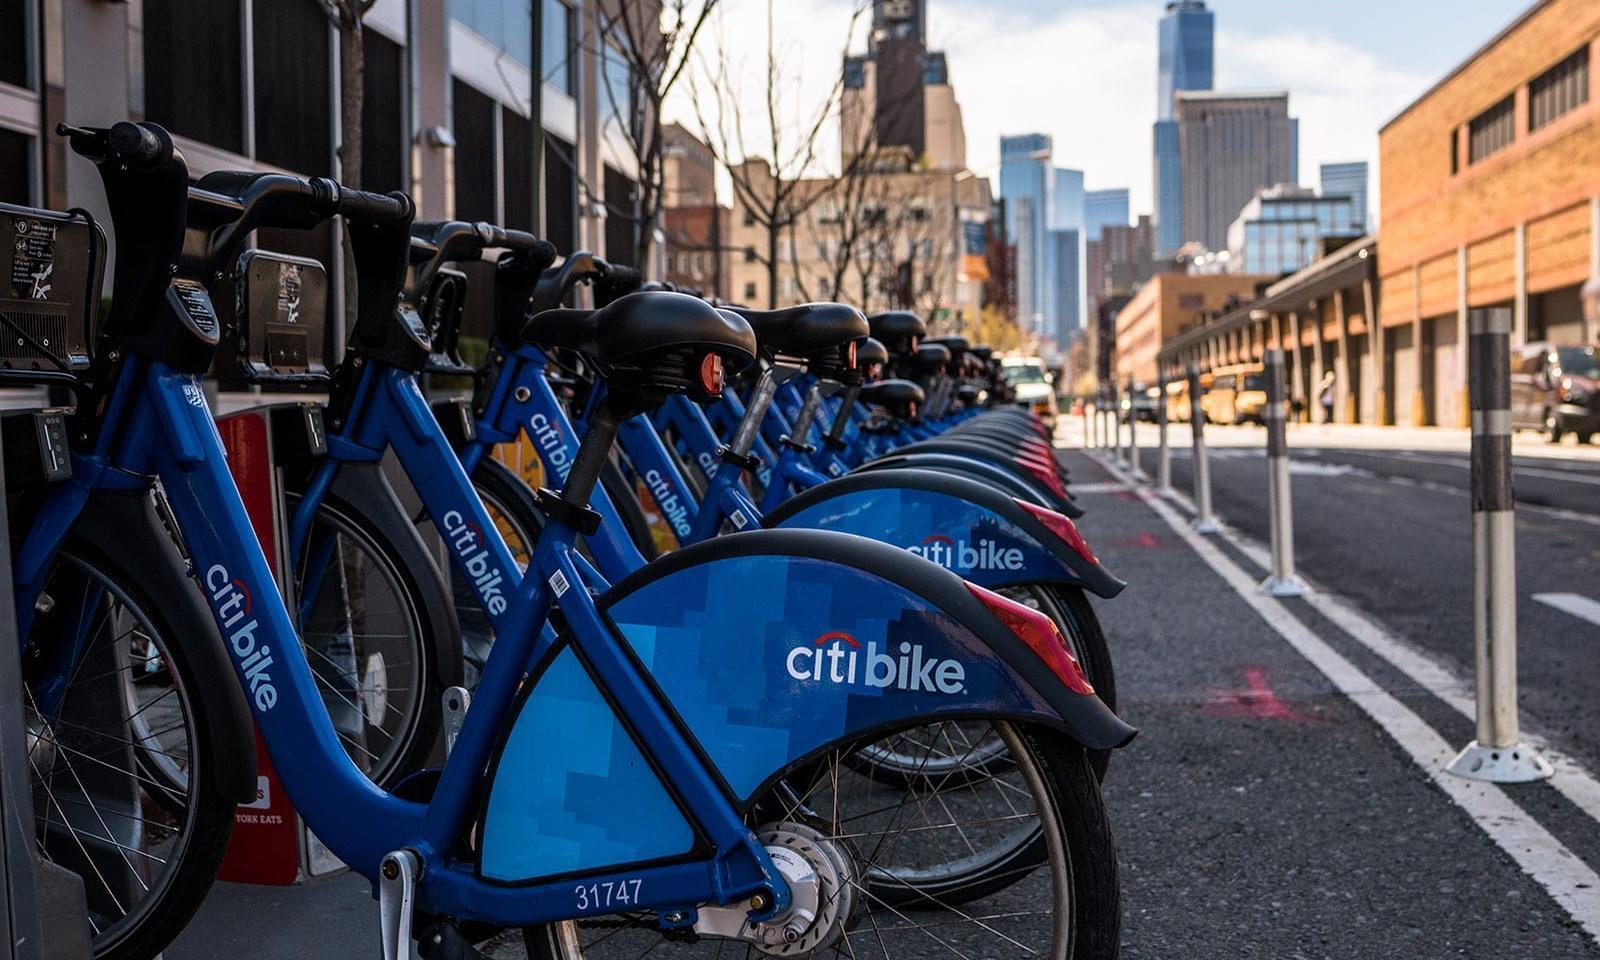 Citi Bike New York: so funktionieren sie, Erfahrungen & Tipps 2019 Citi Bike Nyc Map on